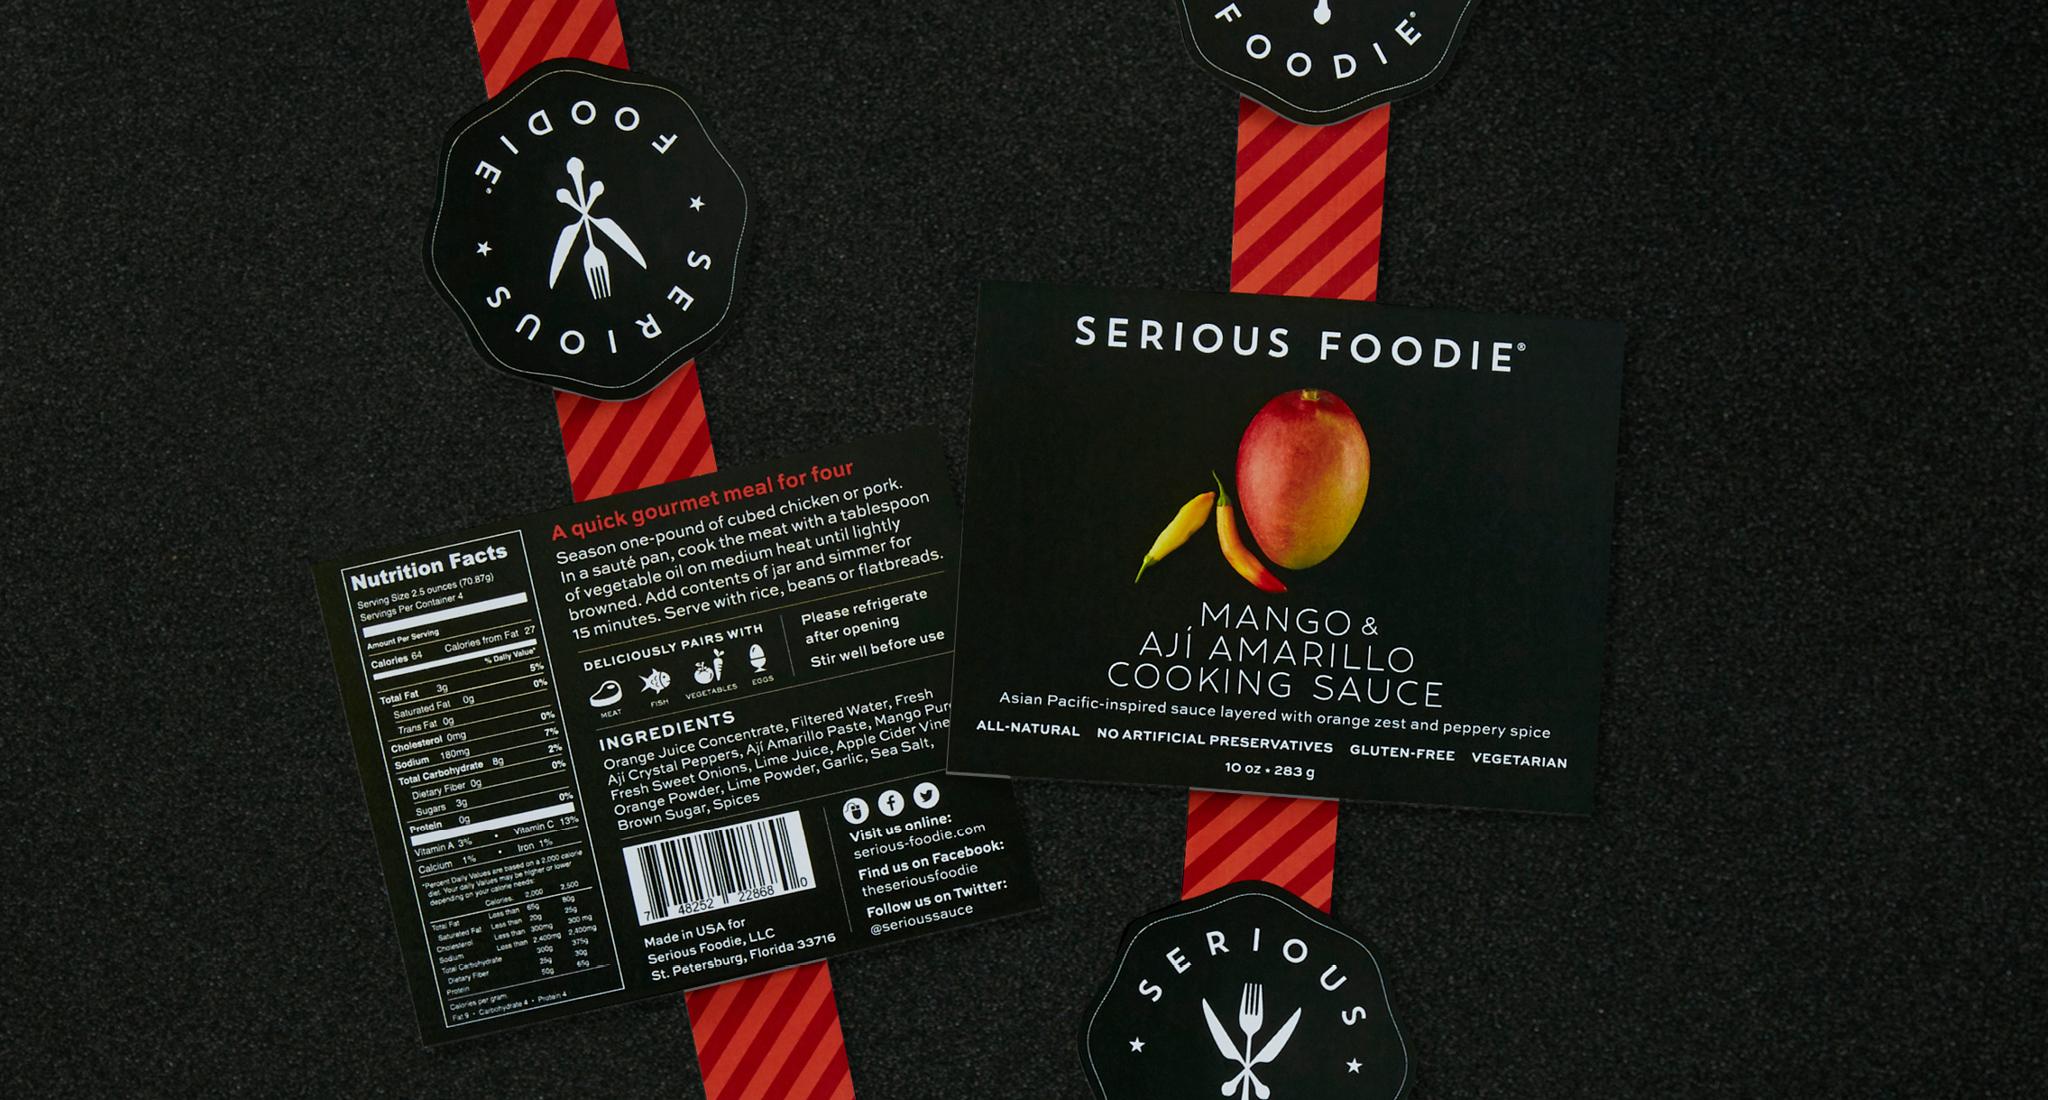 Coosa-Serious-Foodie-01-2.jpg